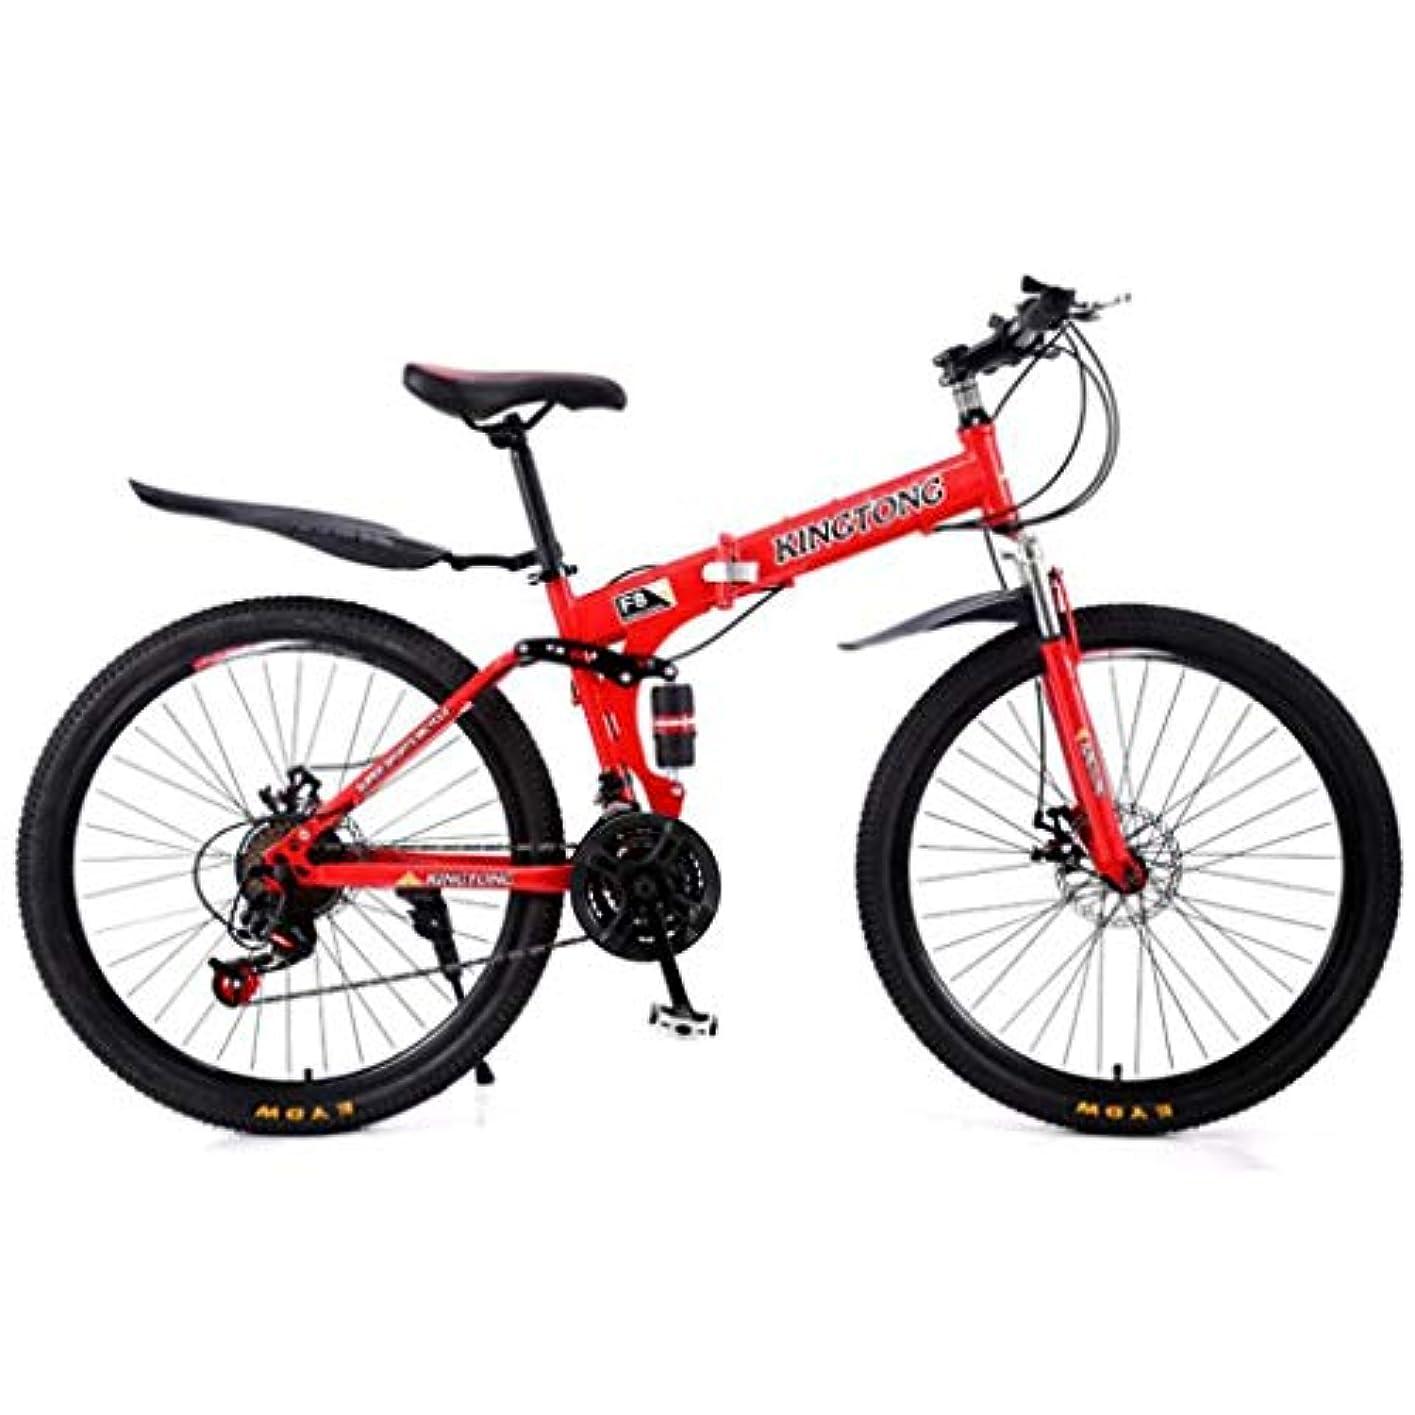 時代クリップ蝶八百屋さんMTB マウンテンバイク 26インチ軽量アルミ合金フレームの自転車24/27スピードフルサスペンションディスクブレーキ